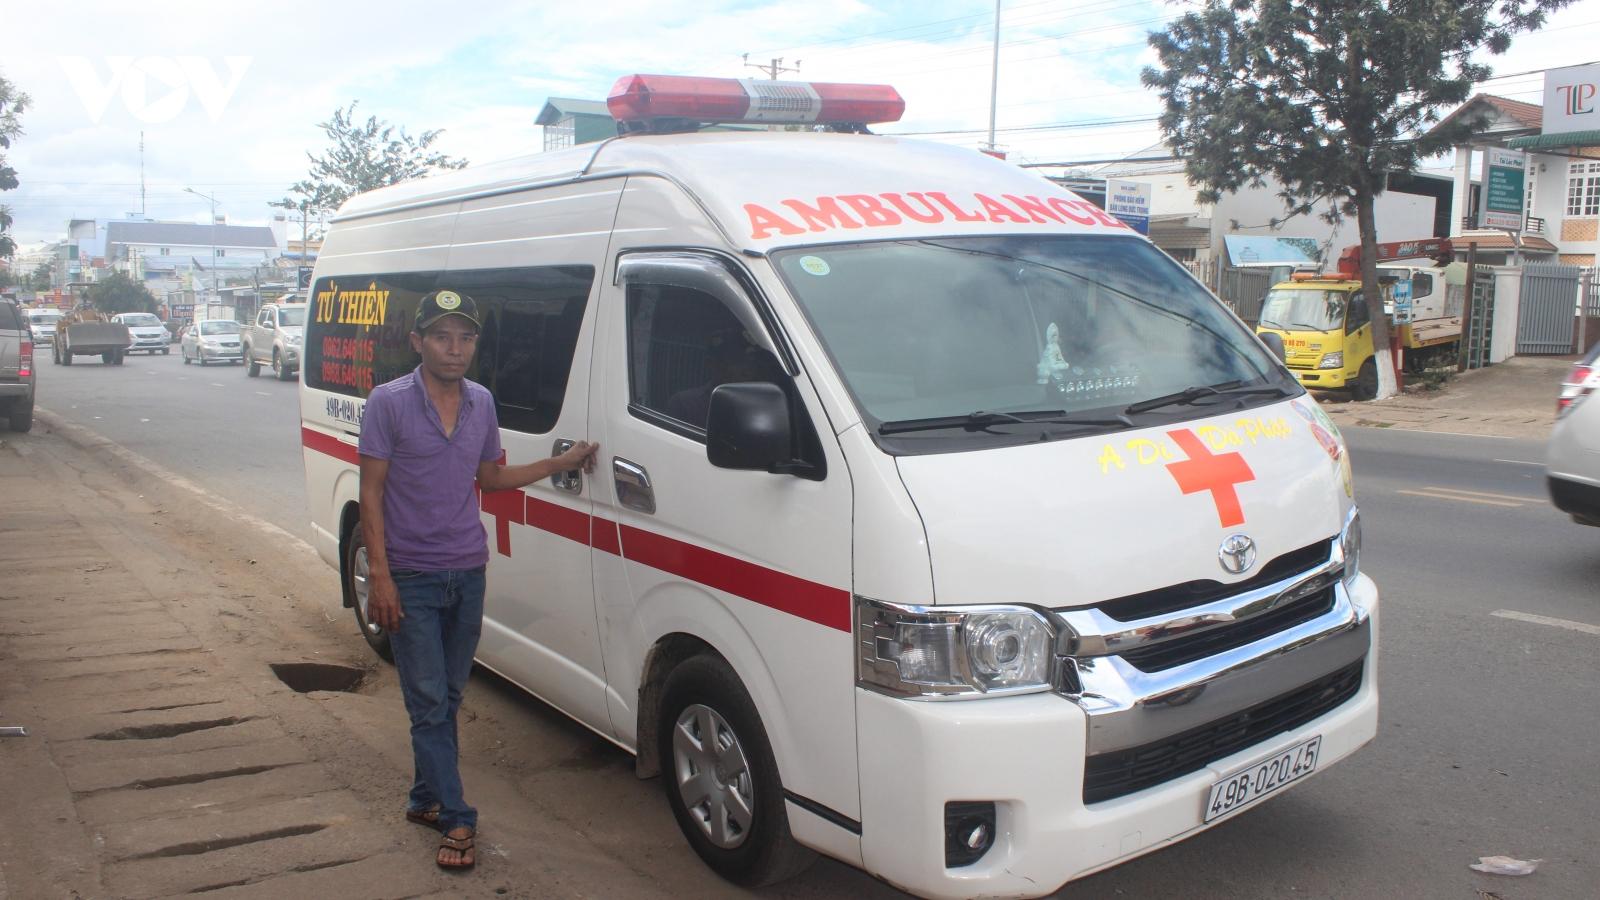 Nhóm bạn gom tiền mua xe cứu thương hỗ trợ người bệnh khó khăn